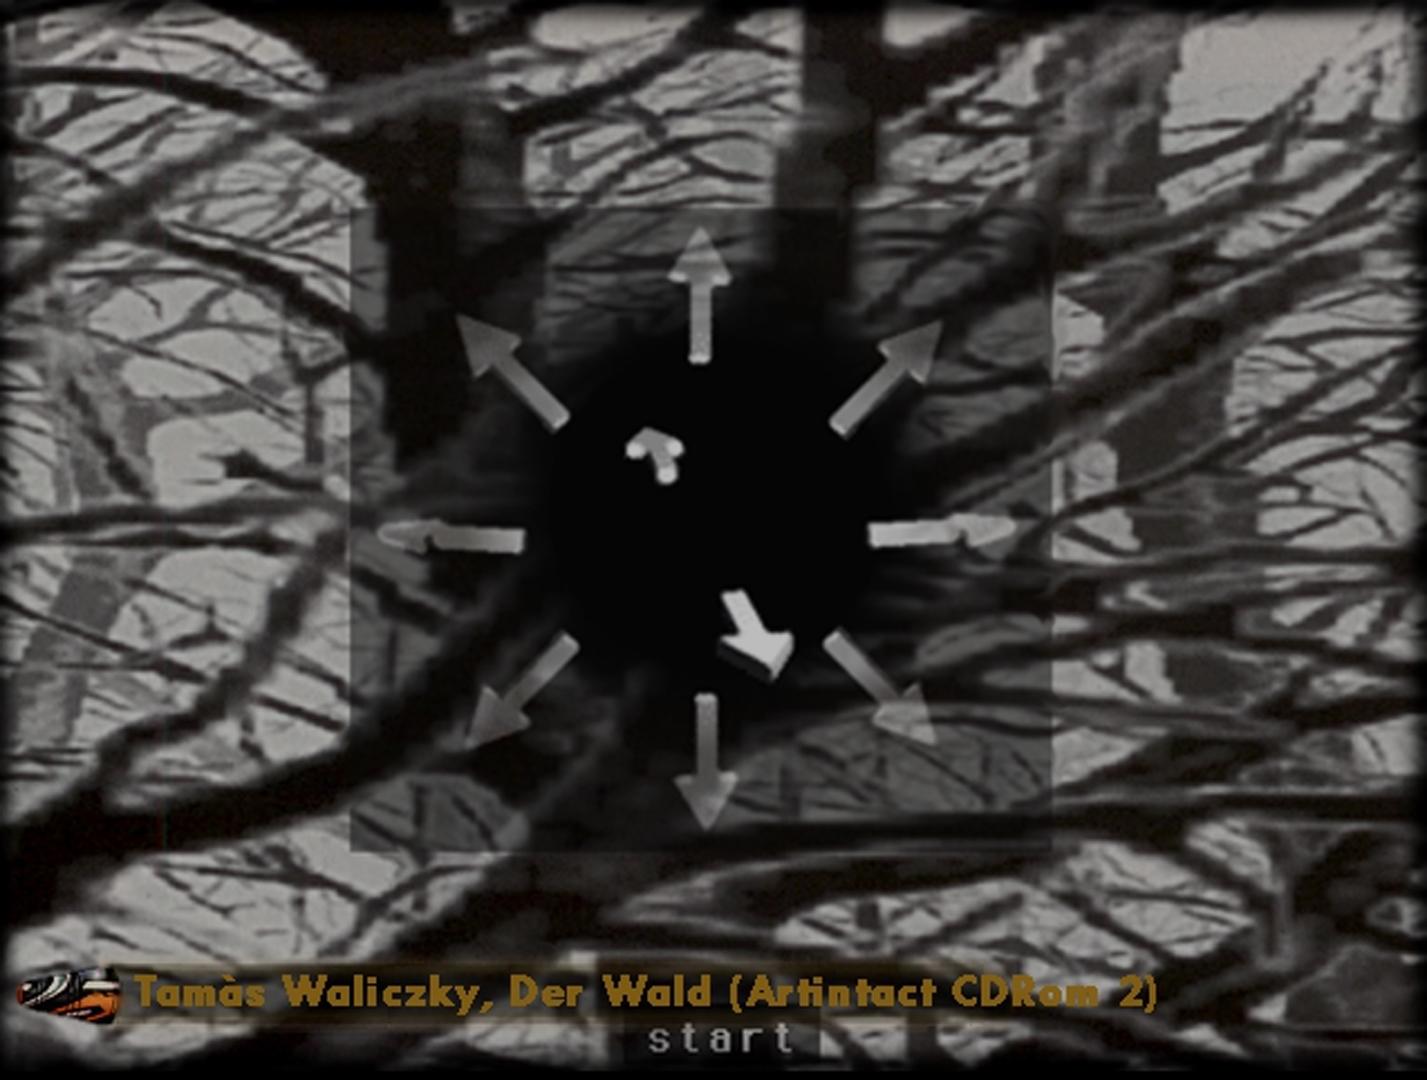 ©, Tamás Waliczky, Der Wald (Artintact CD Rom 2)